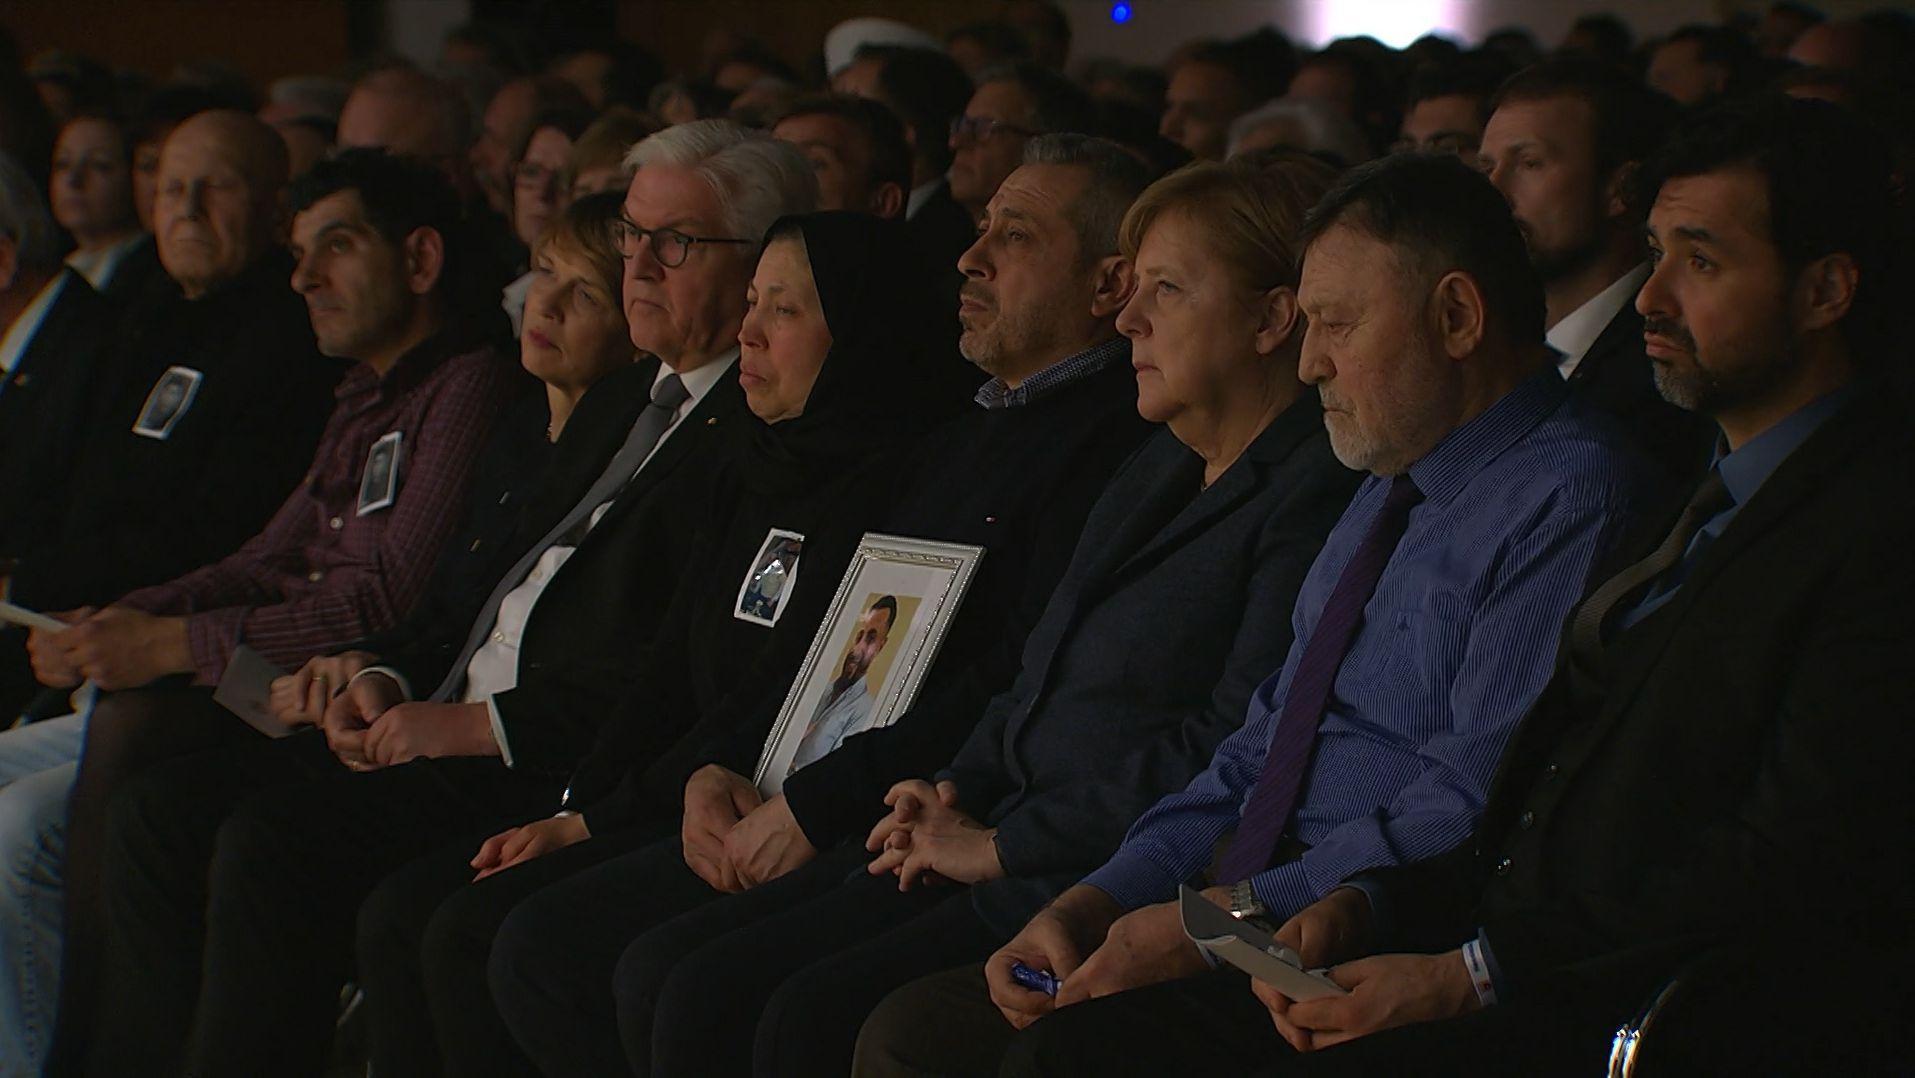 Geladene Gäste bei der Trauerfeier in Hanau, darunter Bundeskanzlerin Angela Merkel und Bundespräsident Frank-Walter Steinmeier.